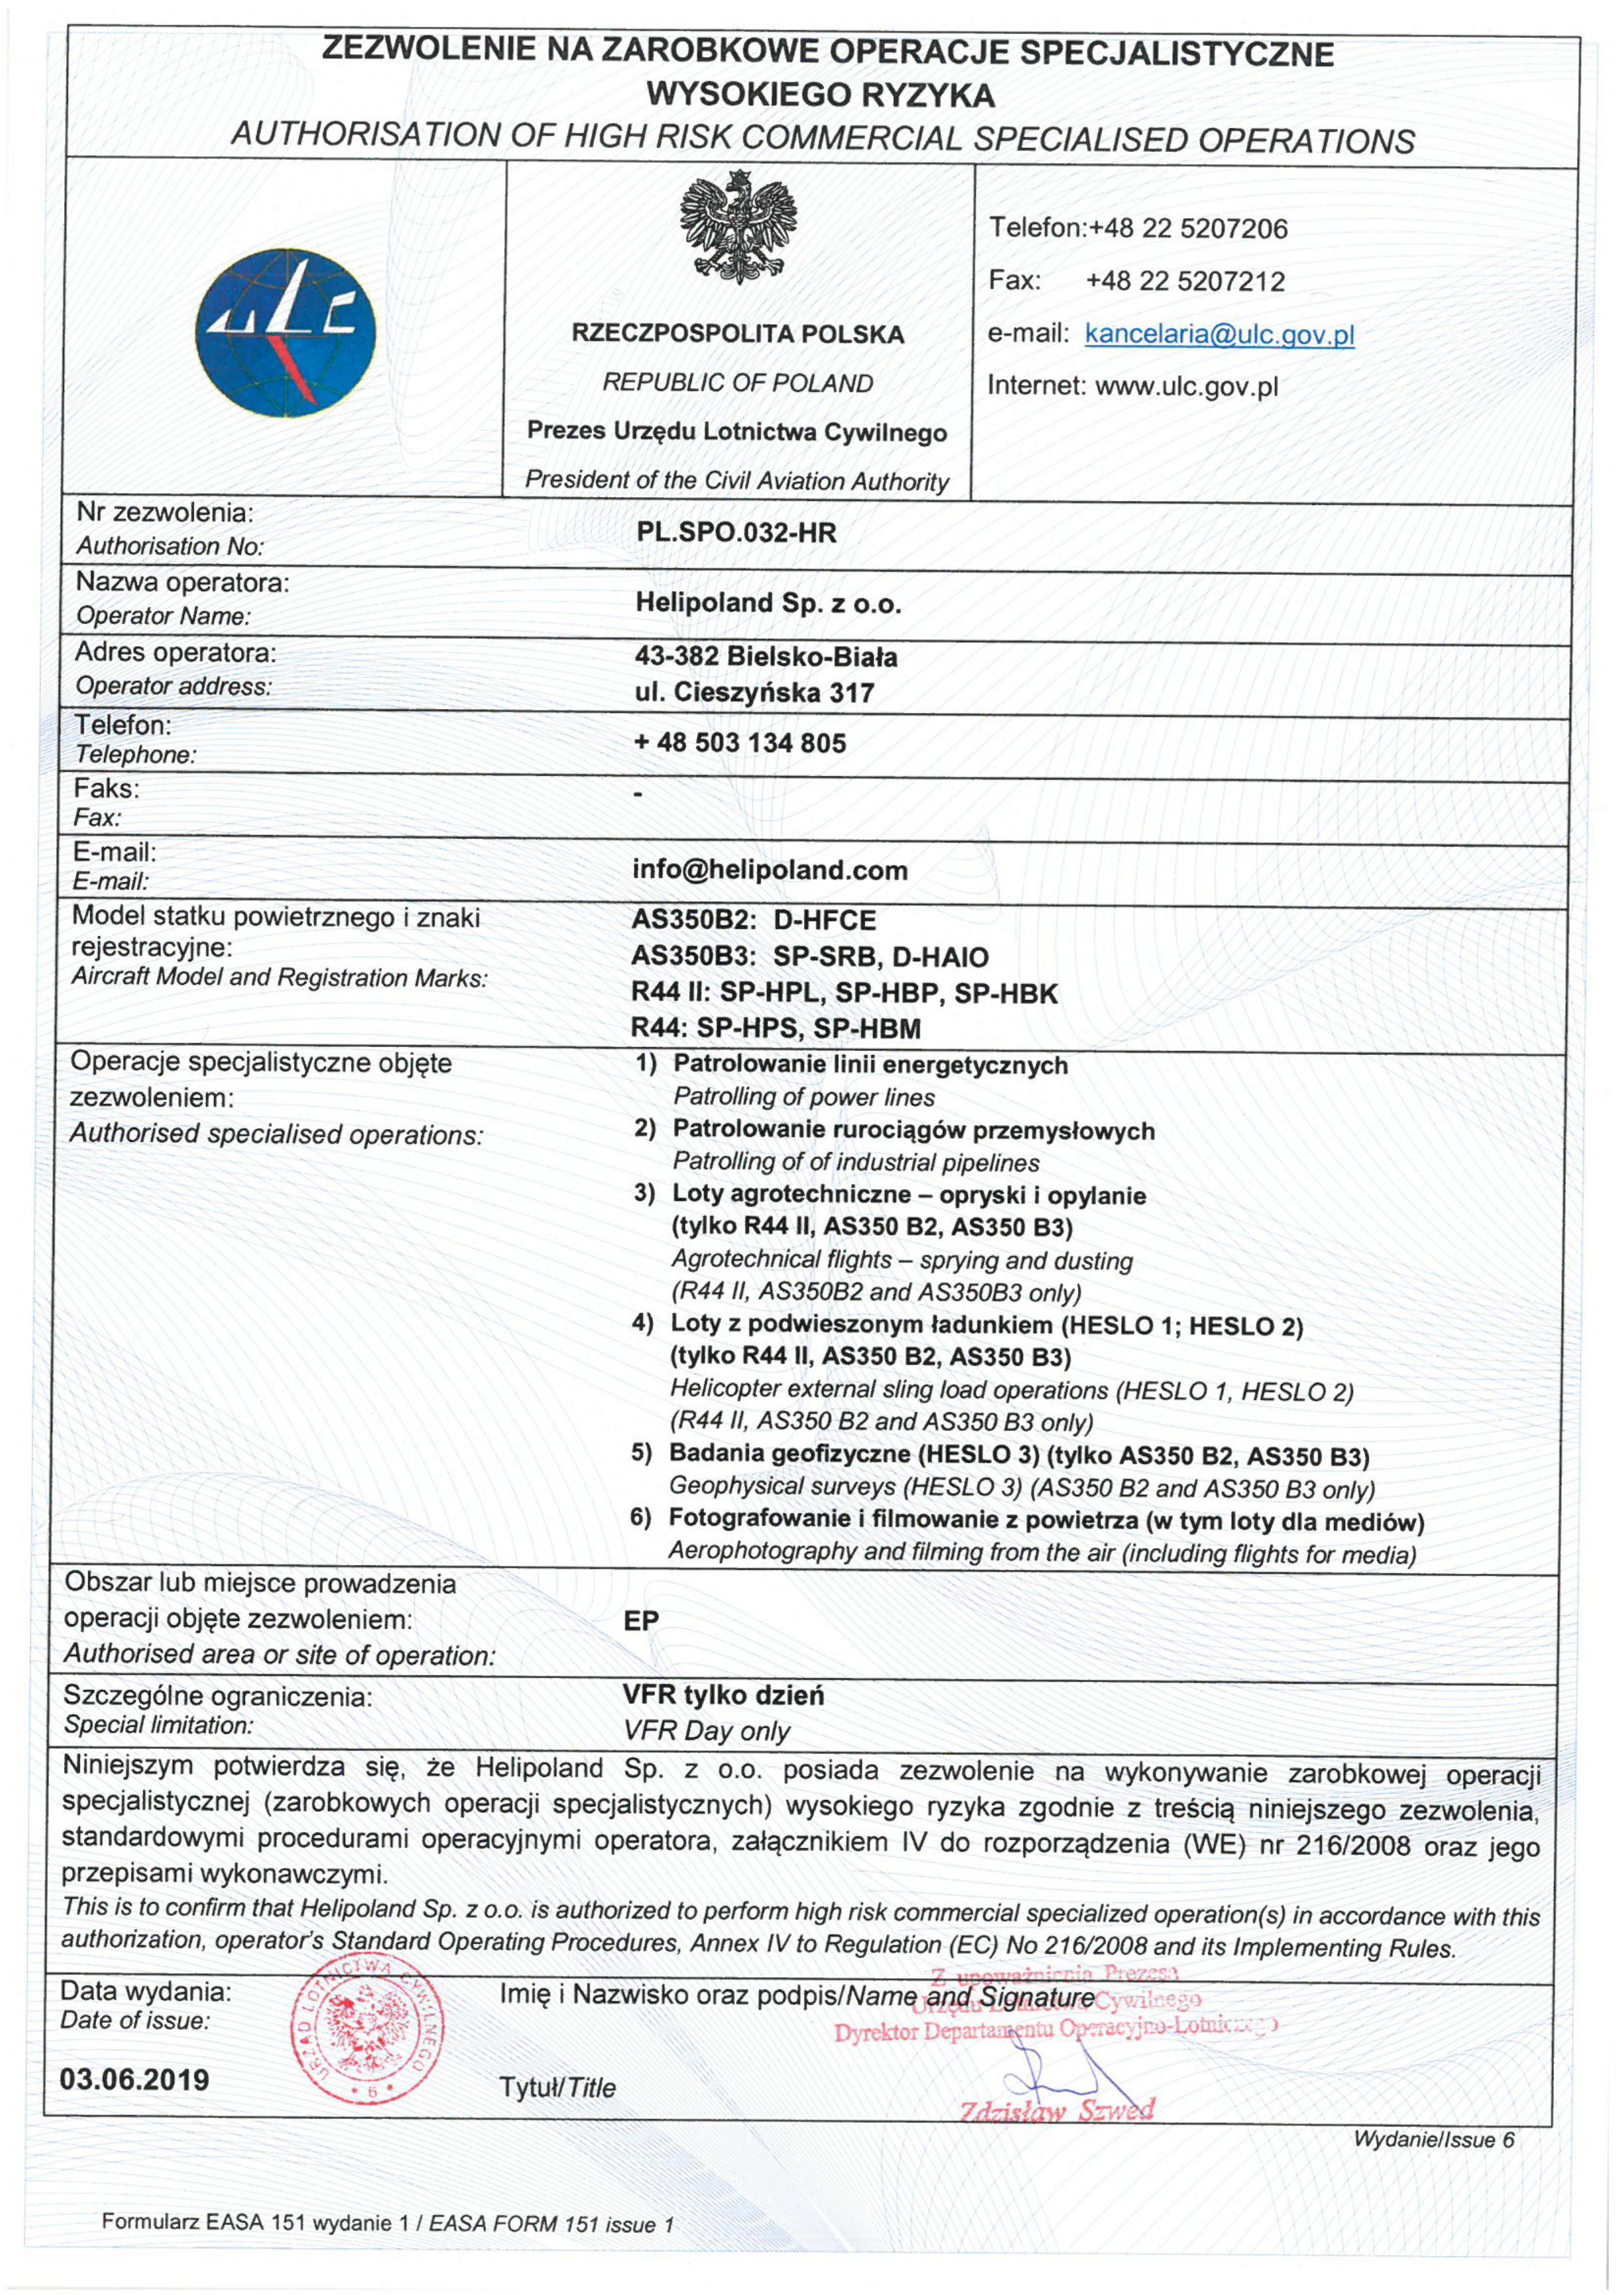 Helipoland PL.SPO.032-HR